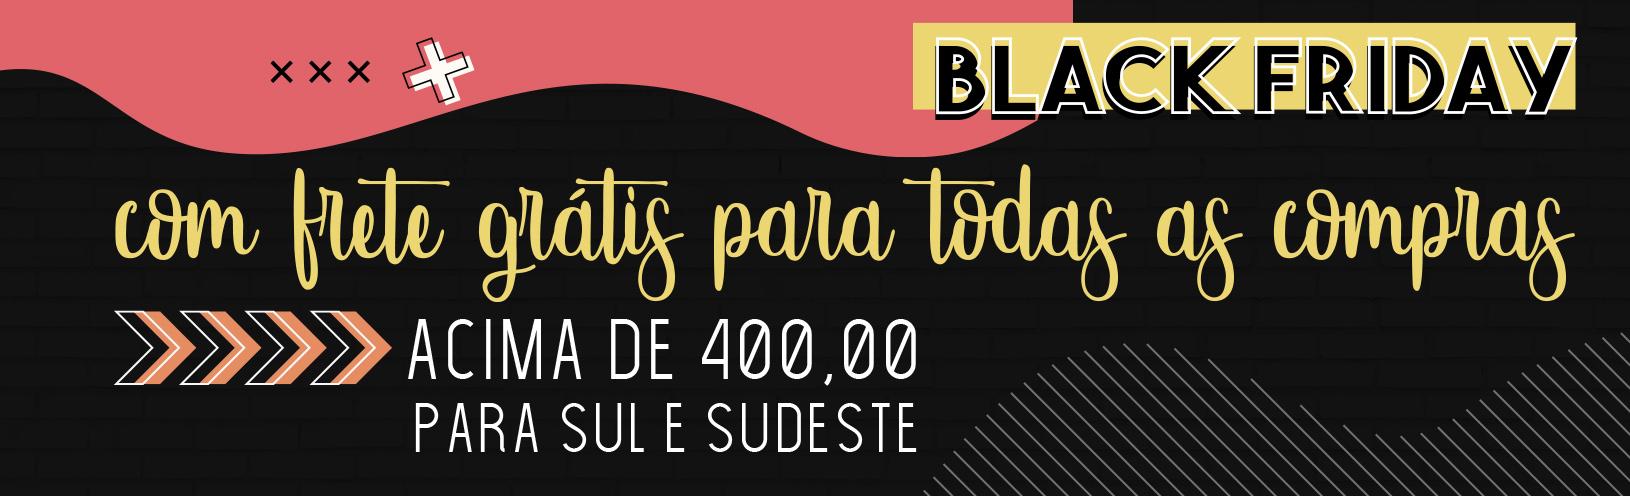 Black com Frete Grátis